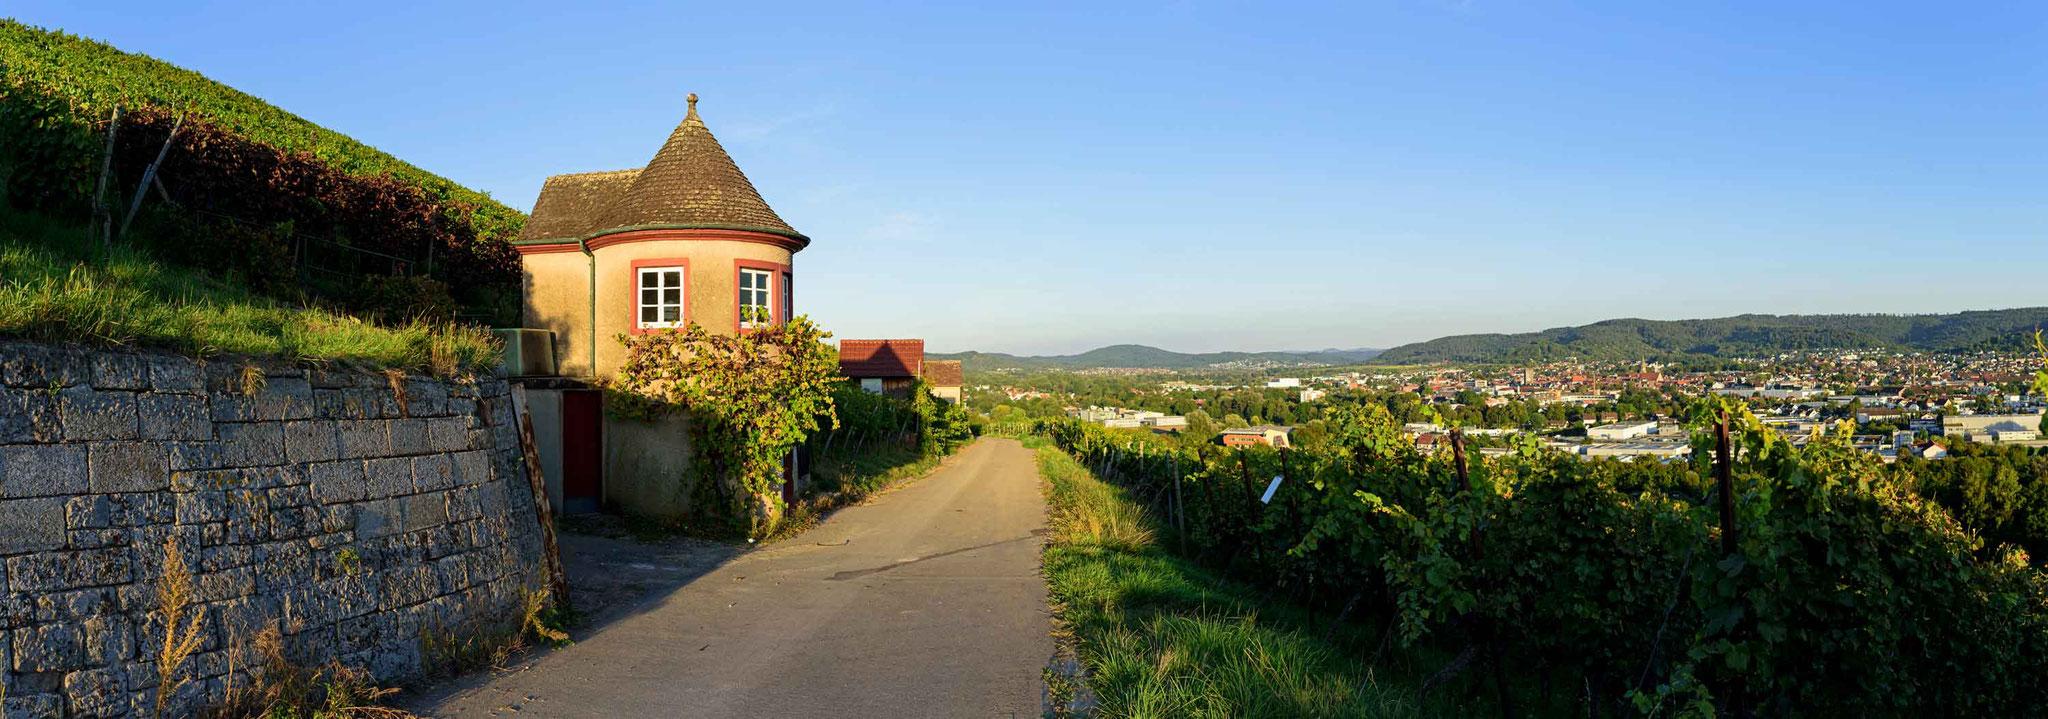 Grafenberg Schorndorf - Panoramaaufnahme in der Rems-Murr-Klinik Schorndorf